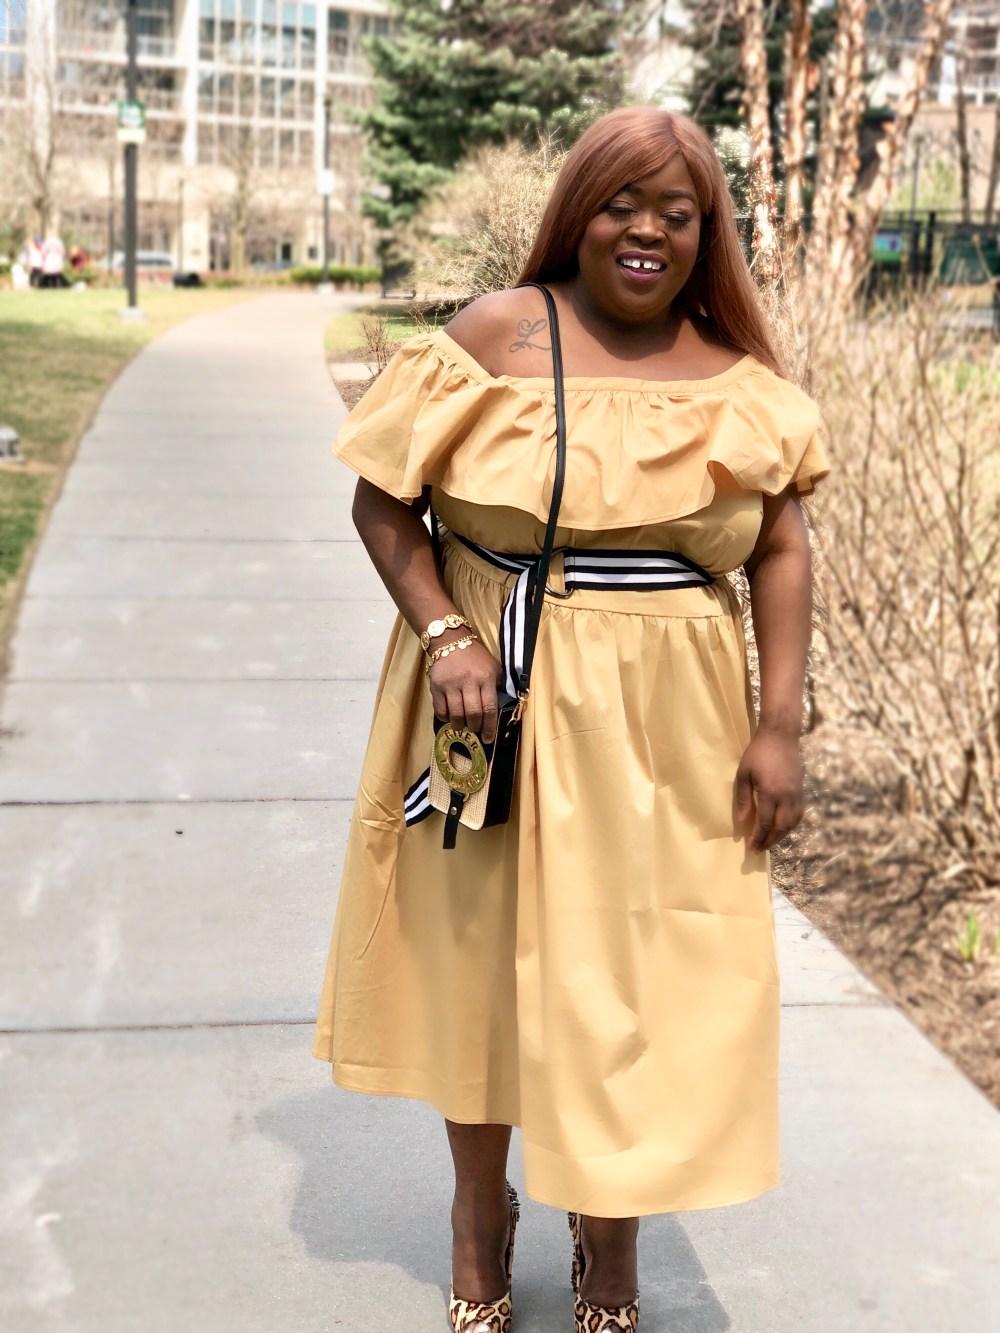 plus size fashion Shoulder Ruffle Midi Dress - Who What Wear Tan - plus size - rivers island - sam eldman